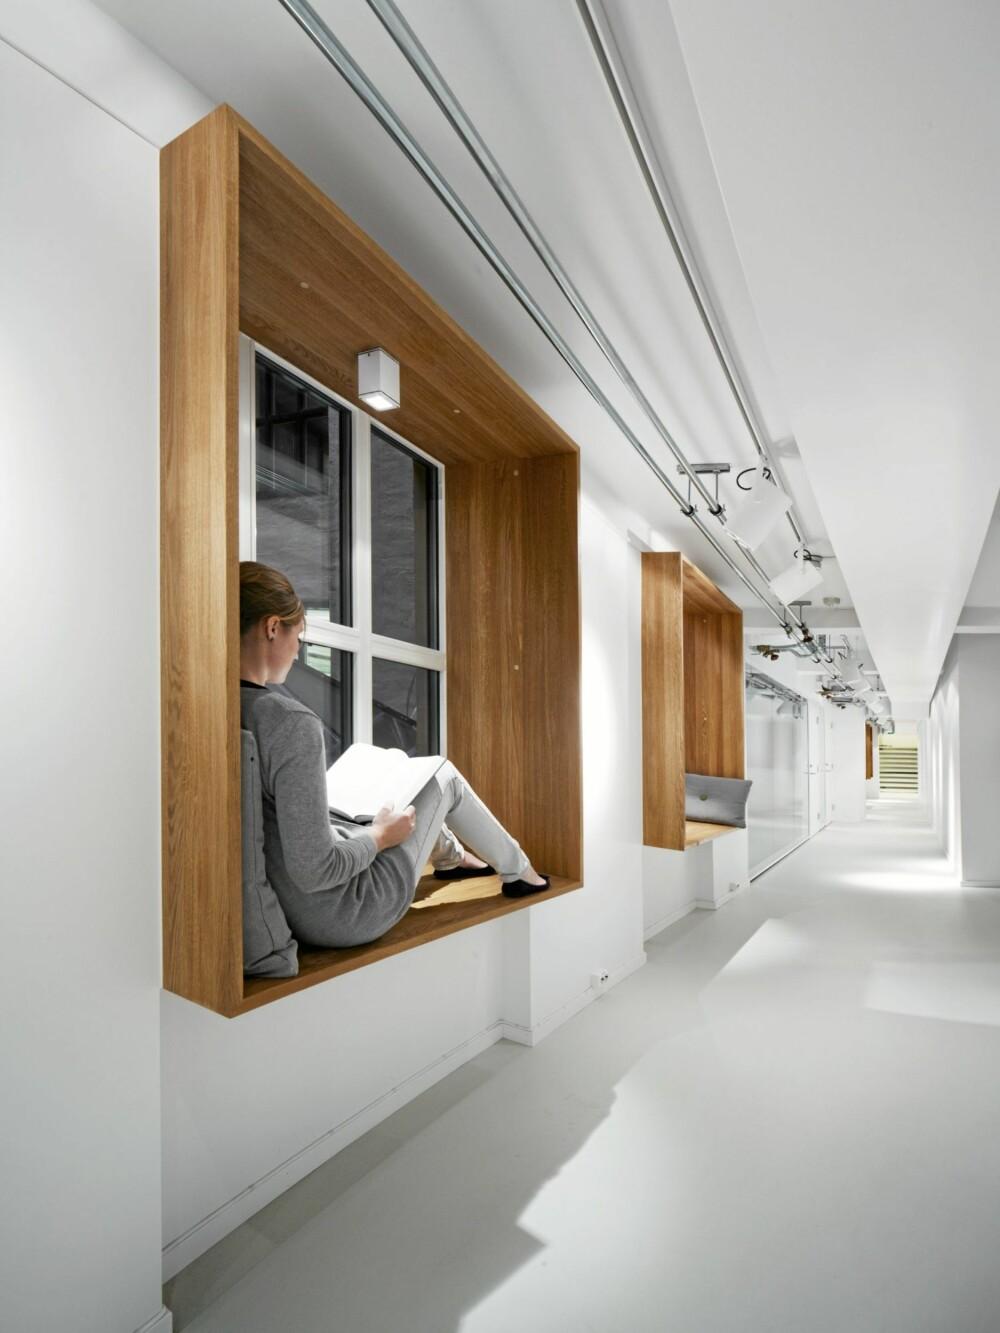 Her var utfordringen å gjøre en lang, smal gang til nytteareal, derfor ble eikeboksene med leselys montert på veggene. Der kan ansatte jobbe på laptoper eller for eksempel lese.